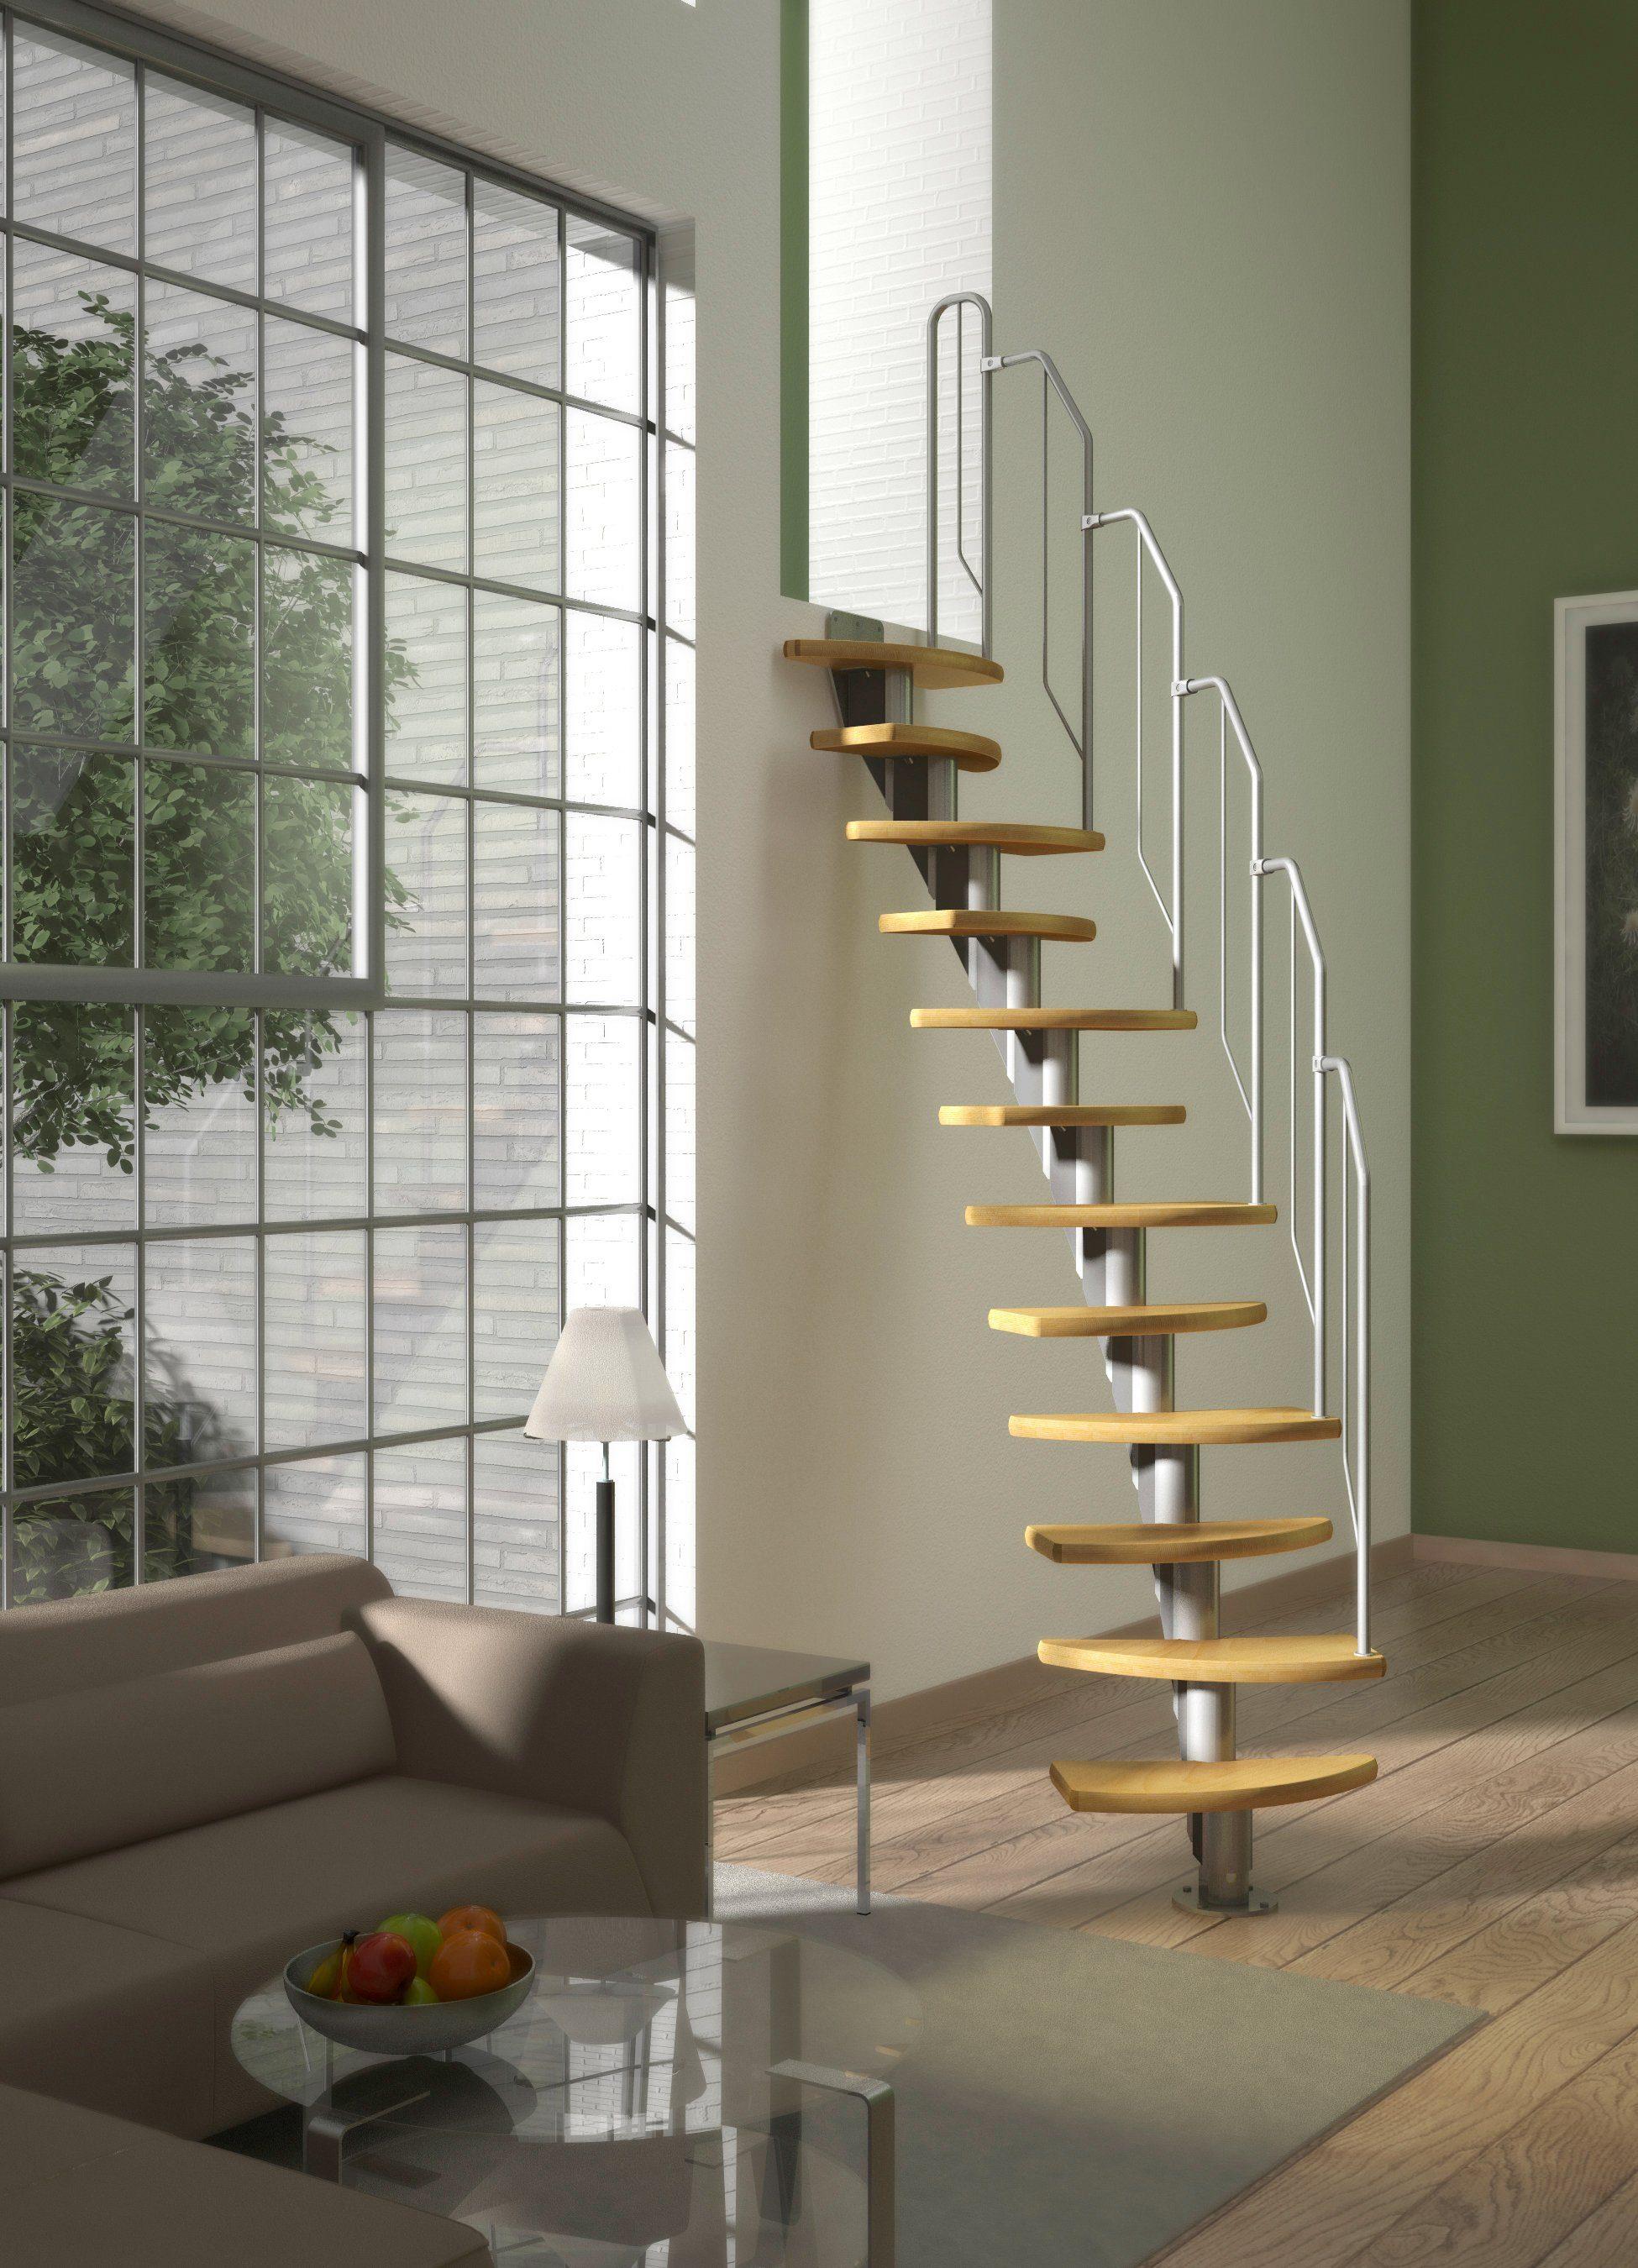 DOLLE Systemtreppe »Berlin«, Metallgeländer und -handlauf, Birke, BxH: 64x292 cm